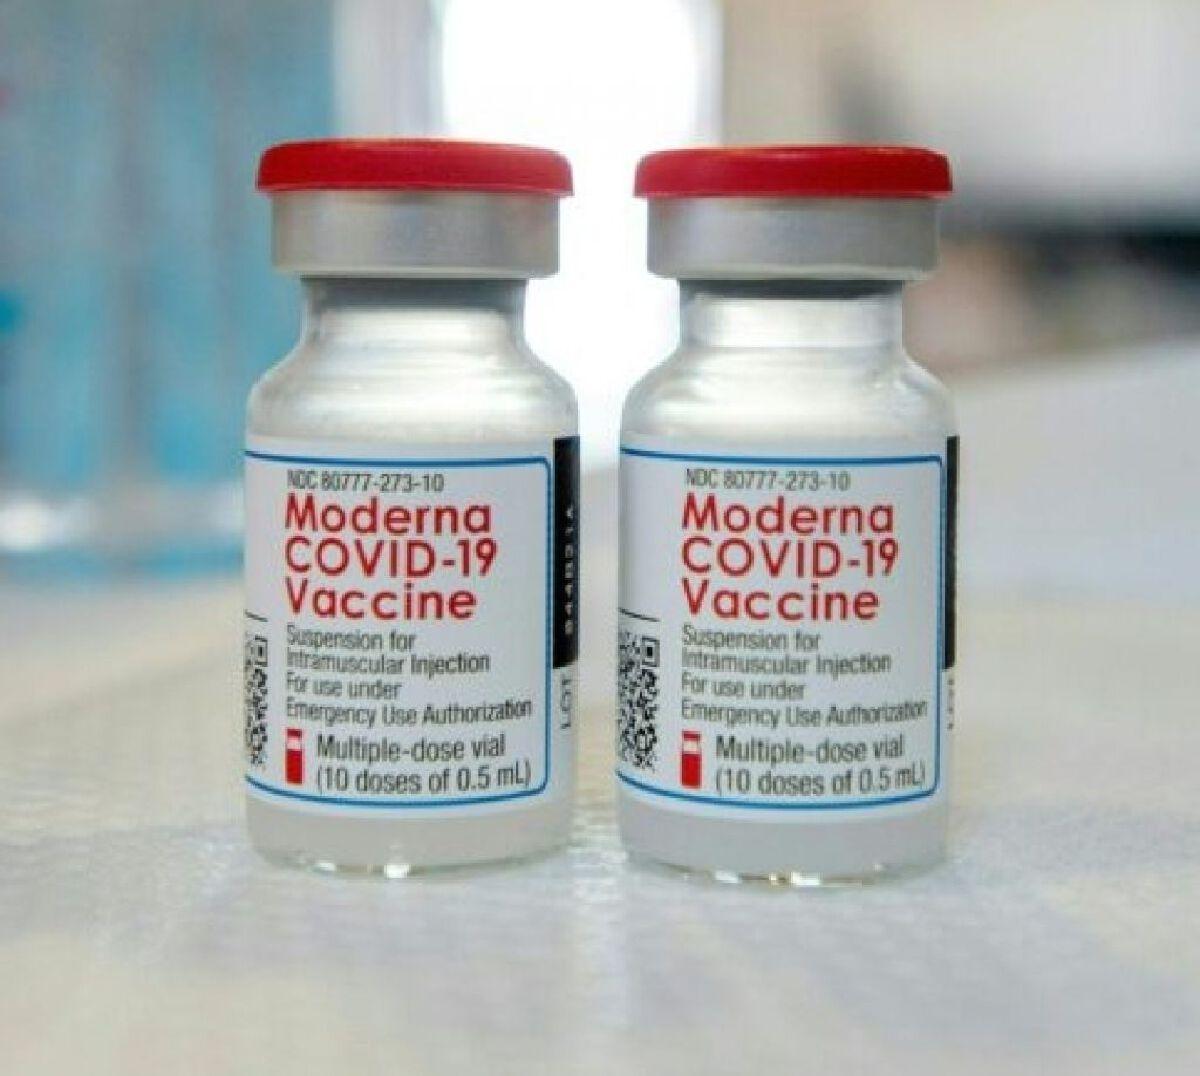 โรงพยาบาลชินเขต เปิดจองวัคซีทางเลือก Moderna